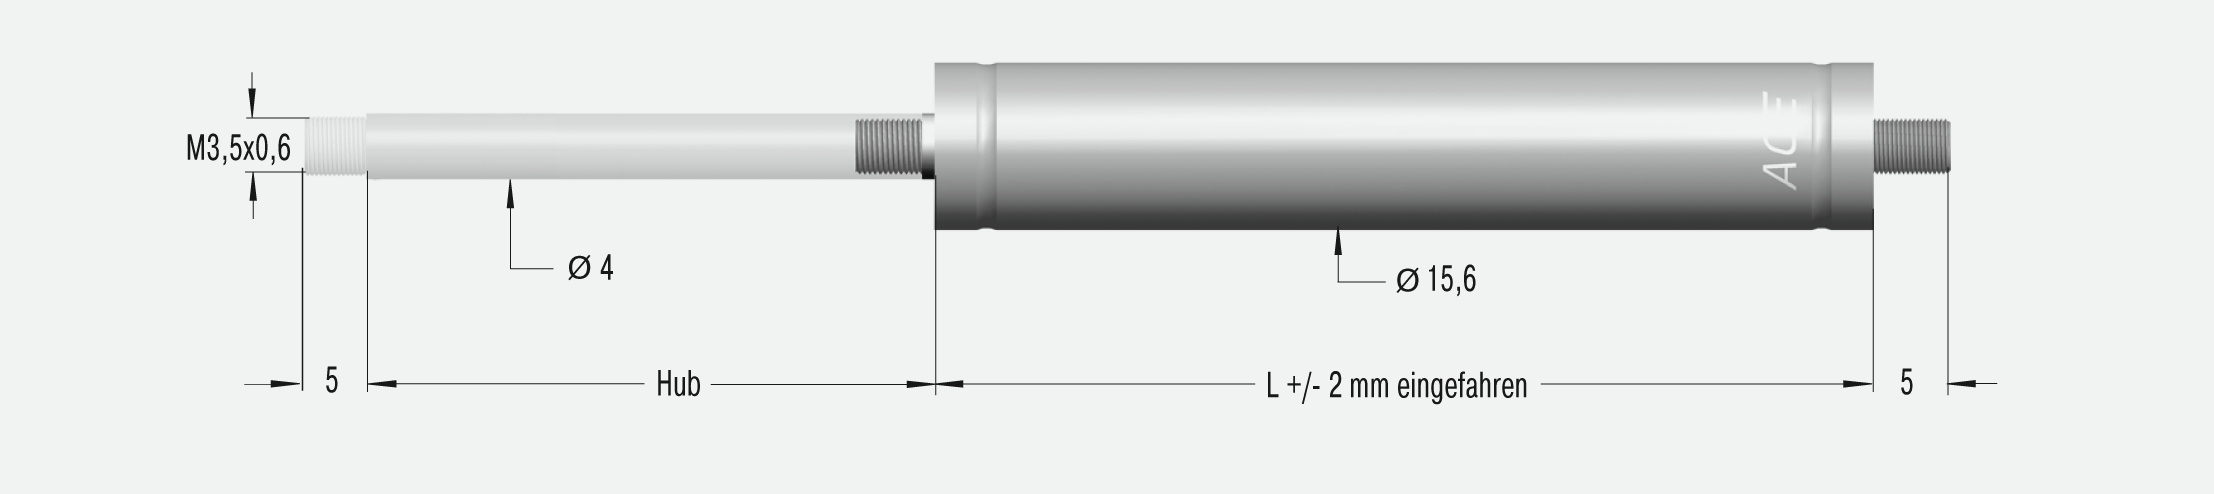 GZ-15-100-V4A